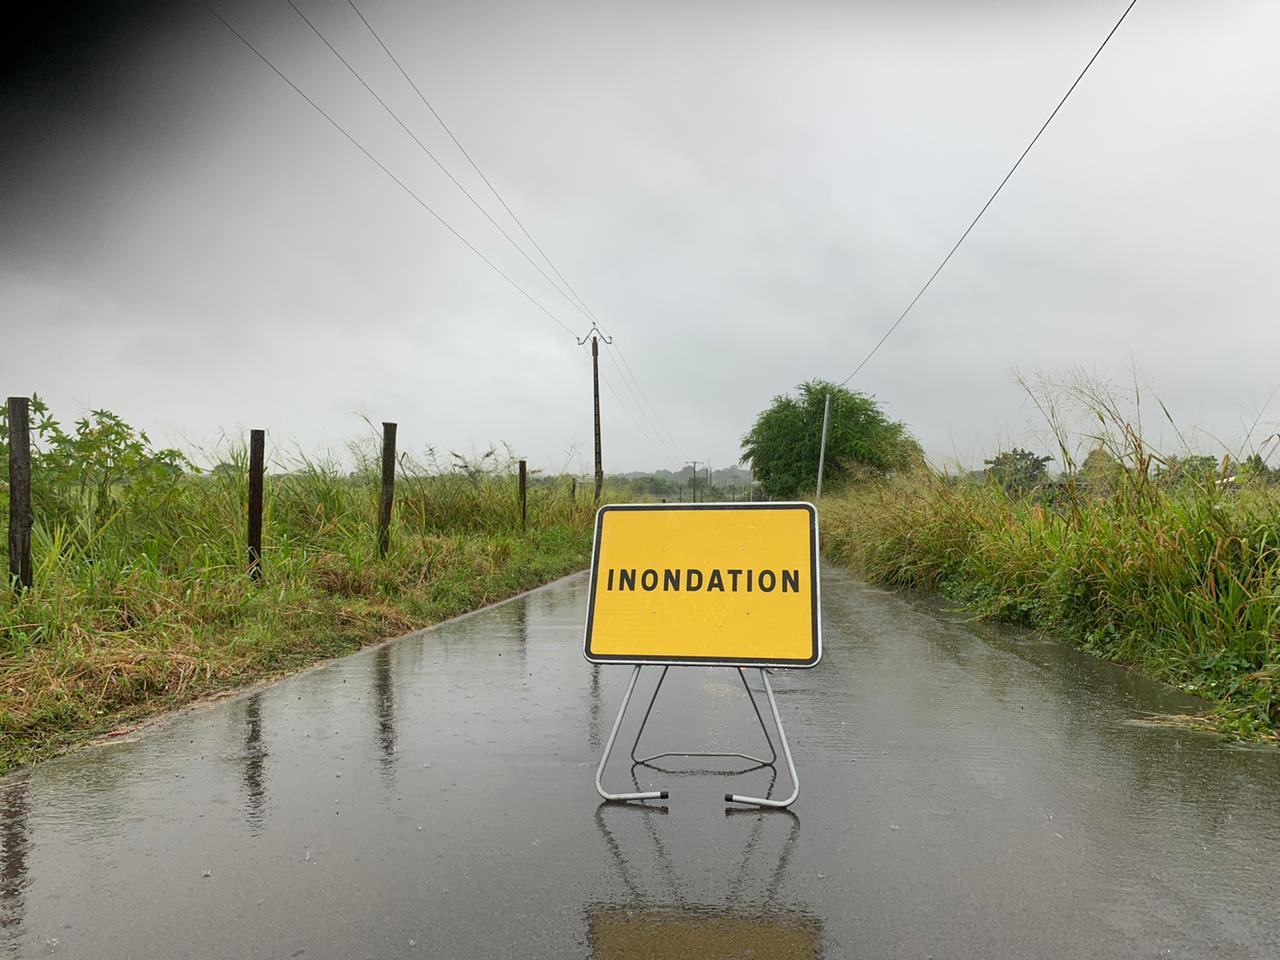 Ecoles fermées, inondations : le point sur les perturbations